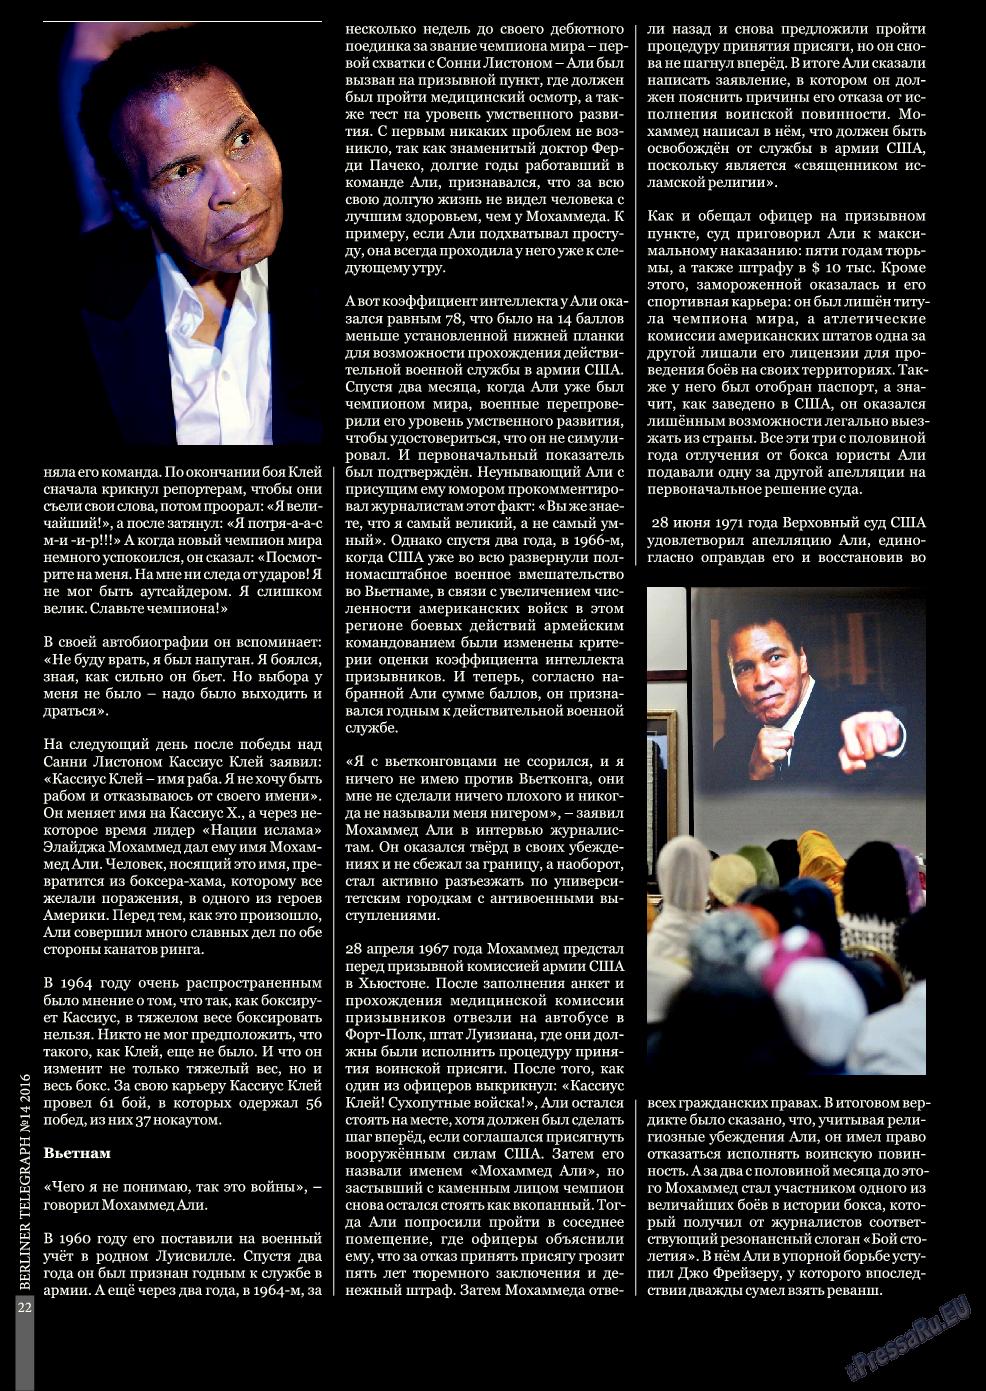 Берлинский телеграф (журнал). 2016 год, номер 14, стр. 22